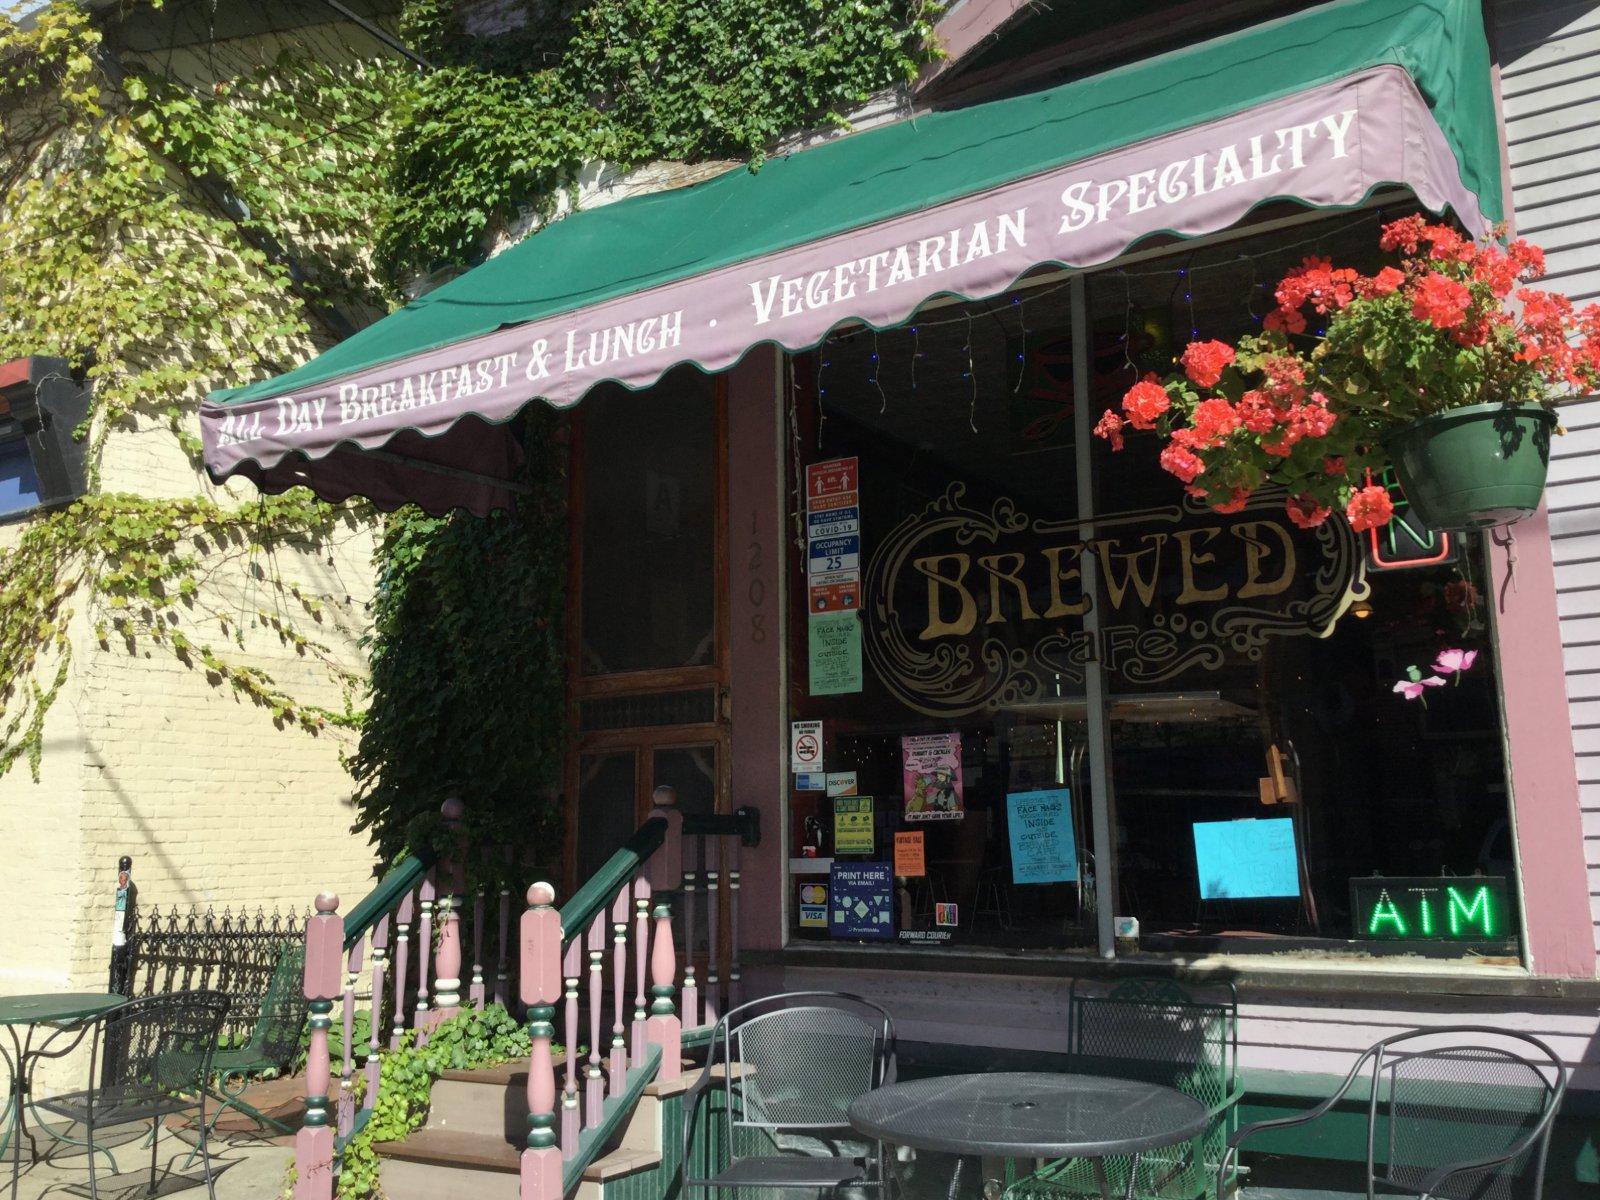 Brewed Cafe